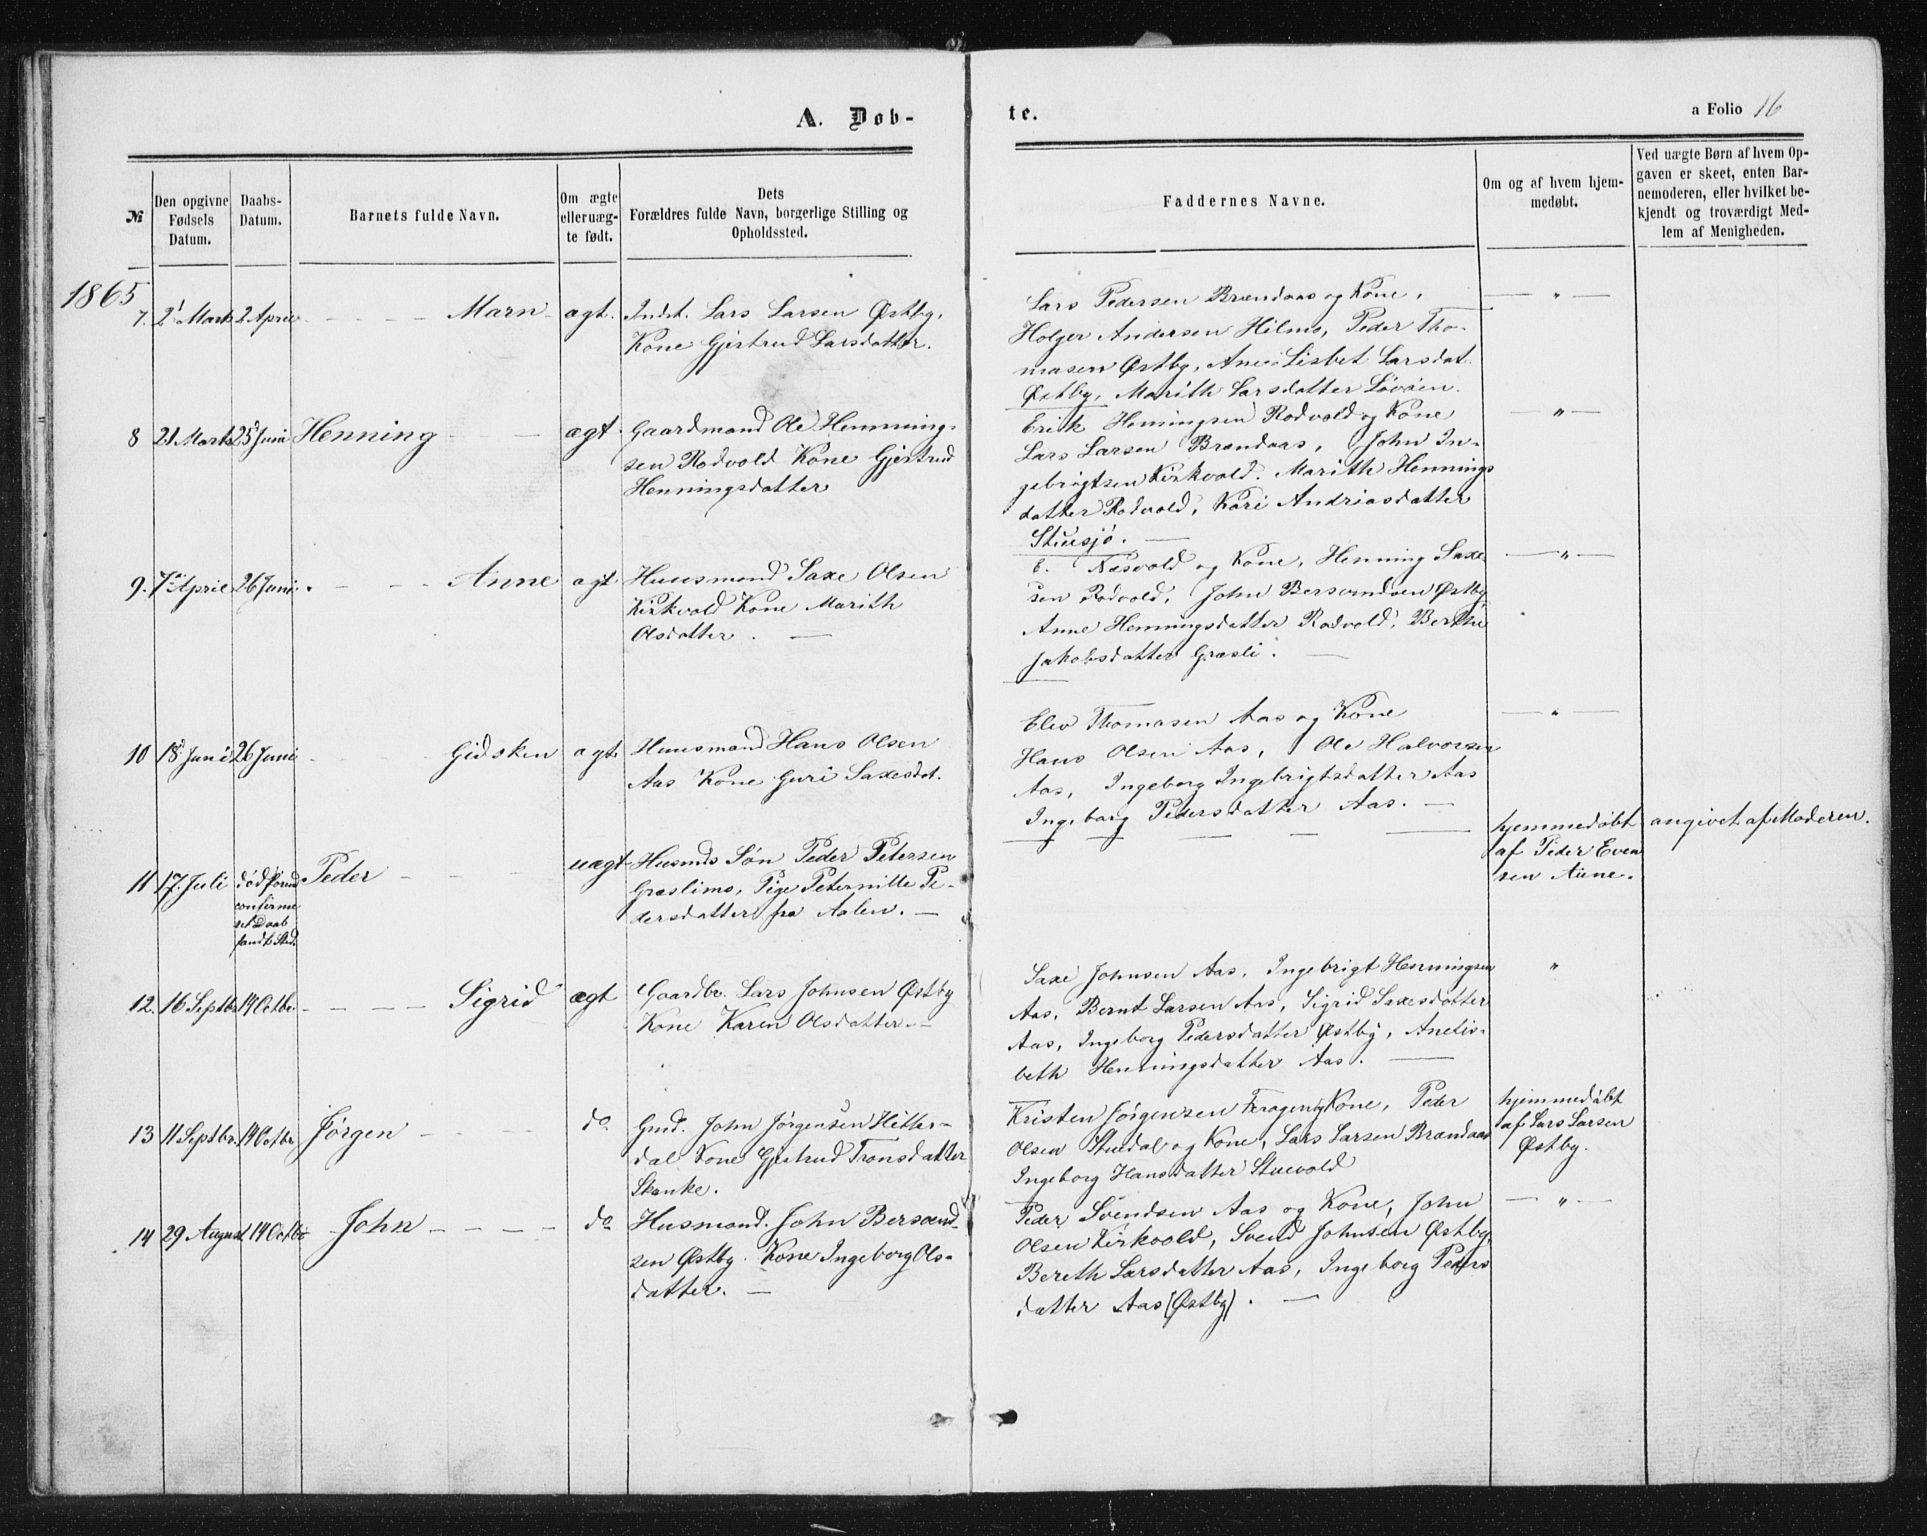 SAT, Ministerialprotokoller, klokkerbøker og fødselsregistre - Sør-Trøndelag, 698/L1166: Klokkerbok nr. 698C03, 1861-1887, s. 16